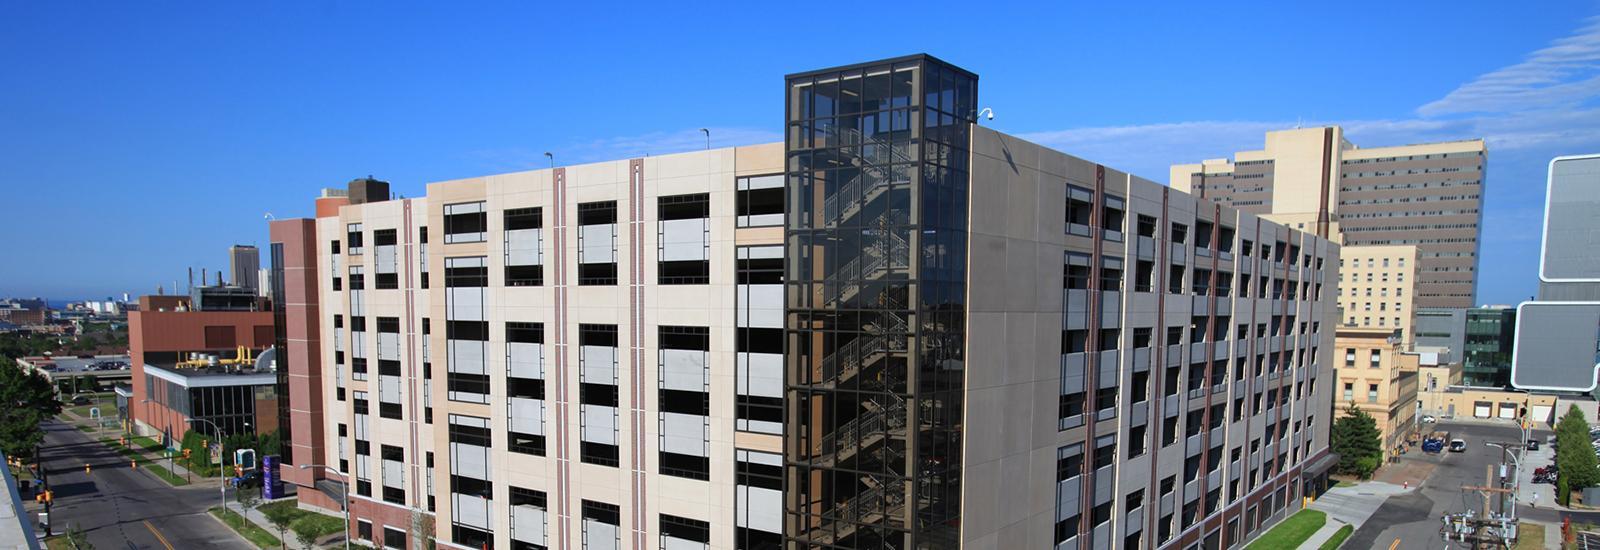 Buffalo Niagra Medical Center Garage